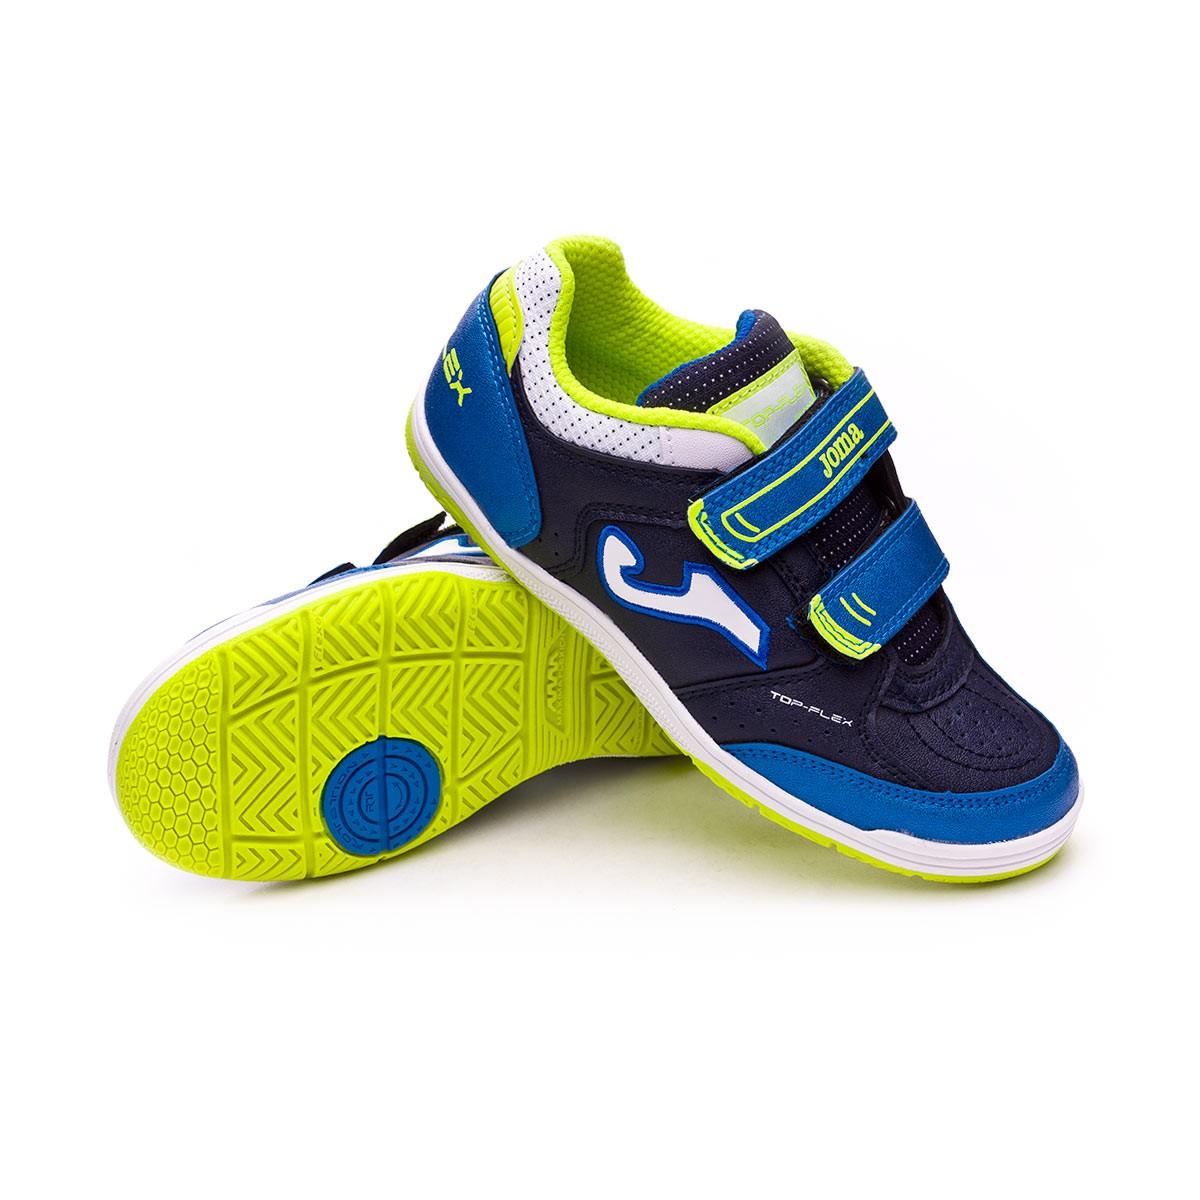 Zapatilla Joma Top Flex Velcro Niño Azul - Soloporteros es ahora Fútbol  Emotion 23891549605a0